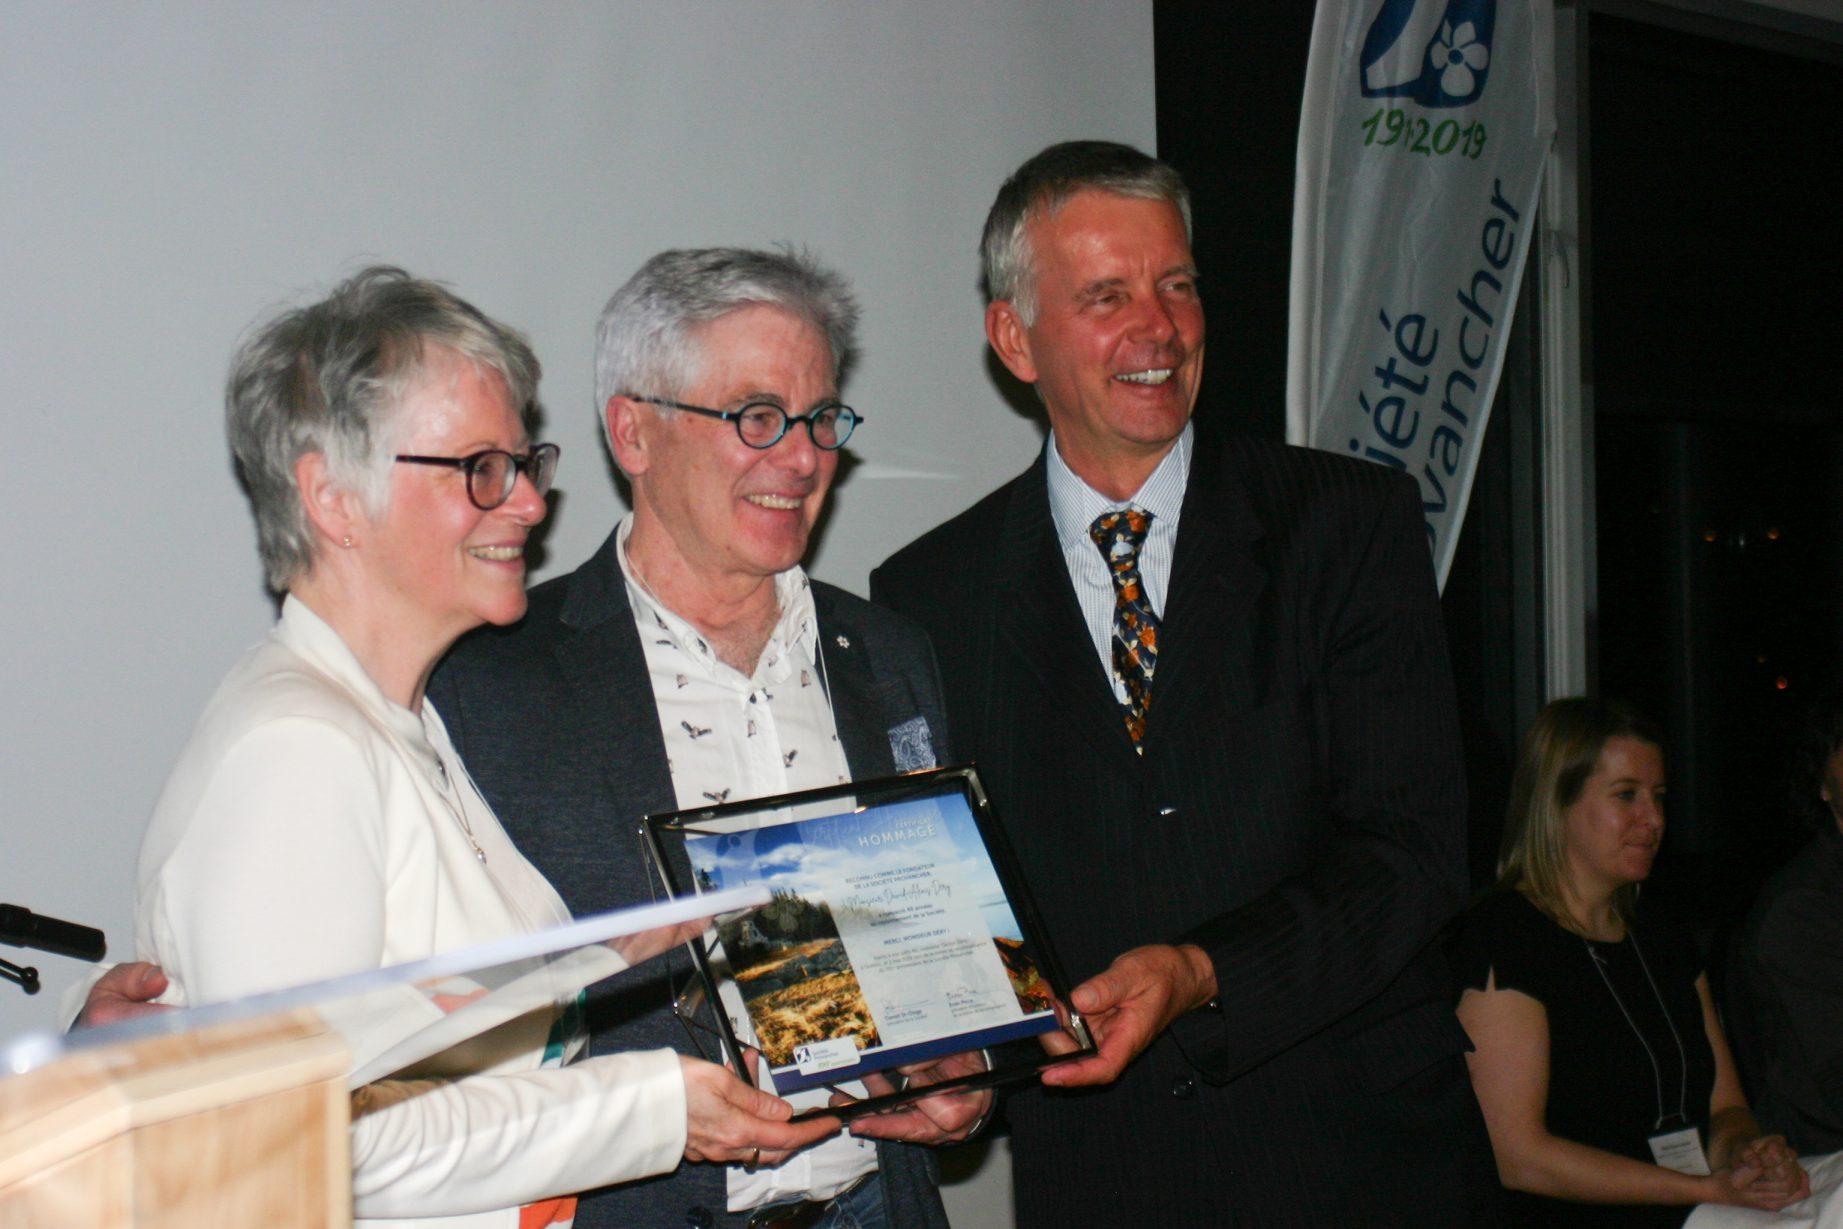 Remise d'un certificat de reconnaissance à M. Gaston Déry par les deux vice-présidents de la Société Provancher, Mme Élisabeth Bossert et M. Jean Tremblay. Photo: Marianne Kugler